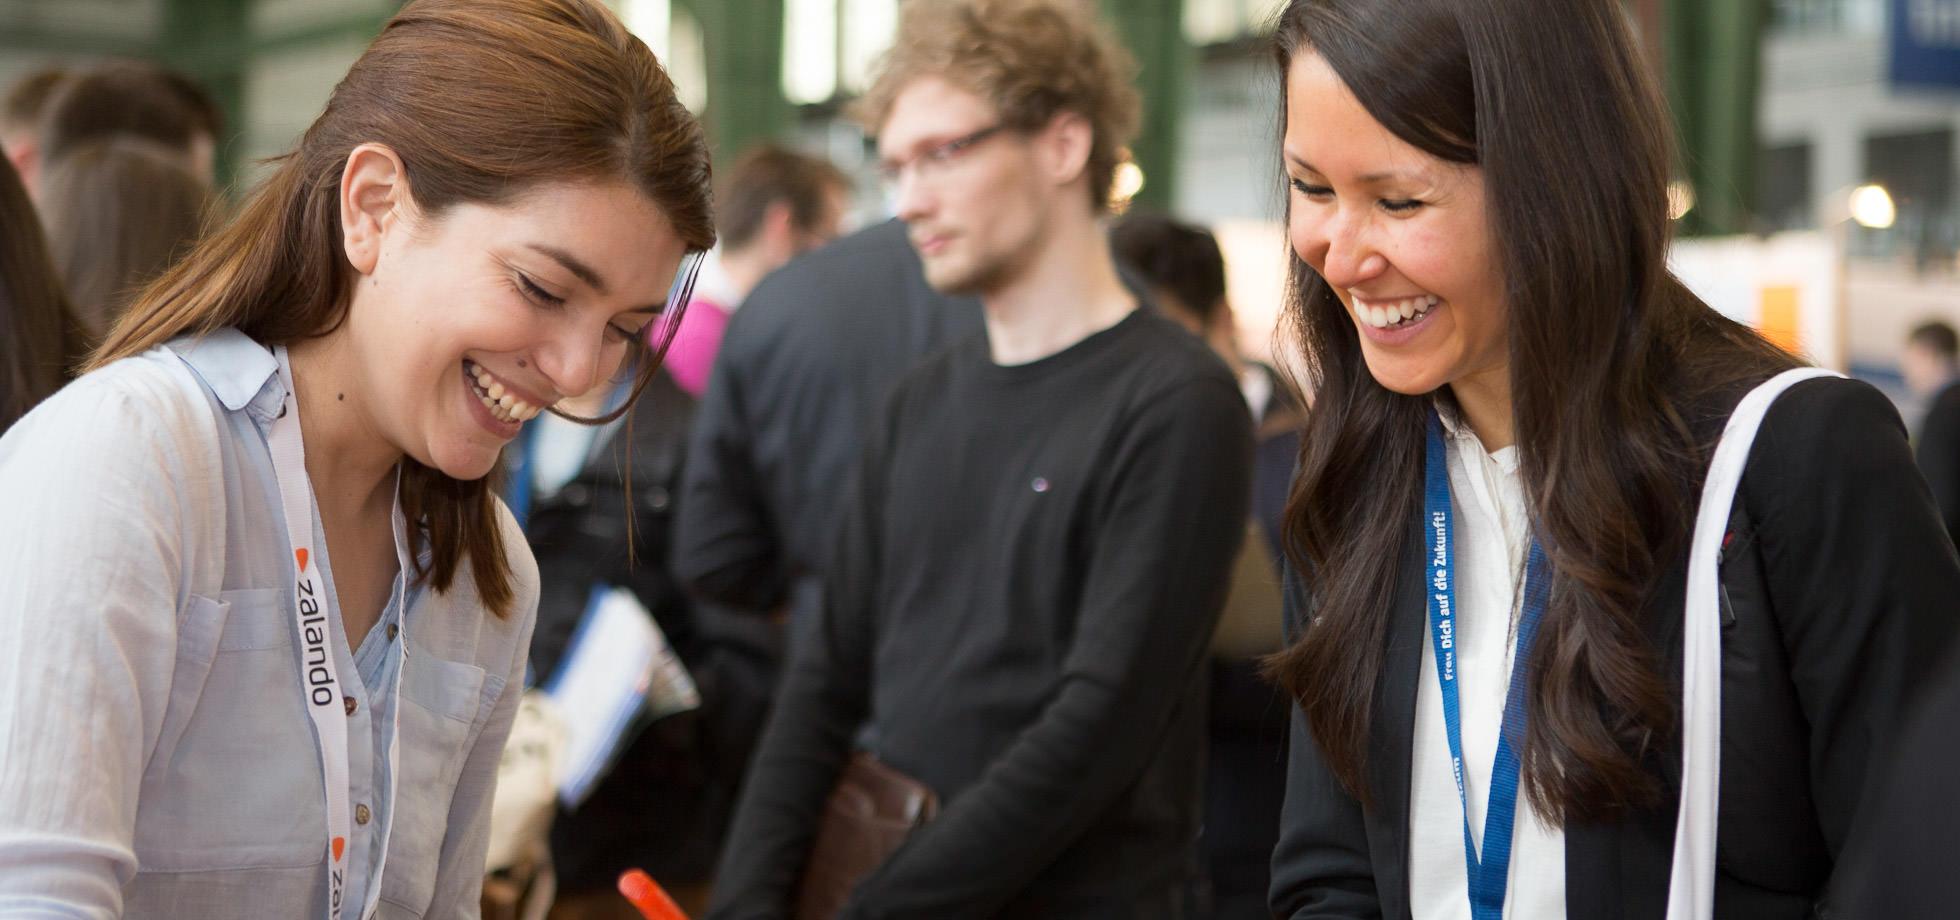 Connecticum Messe für Studenten und Absolventen